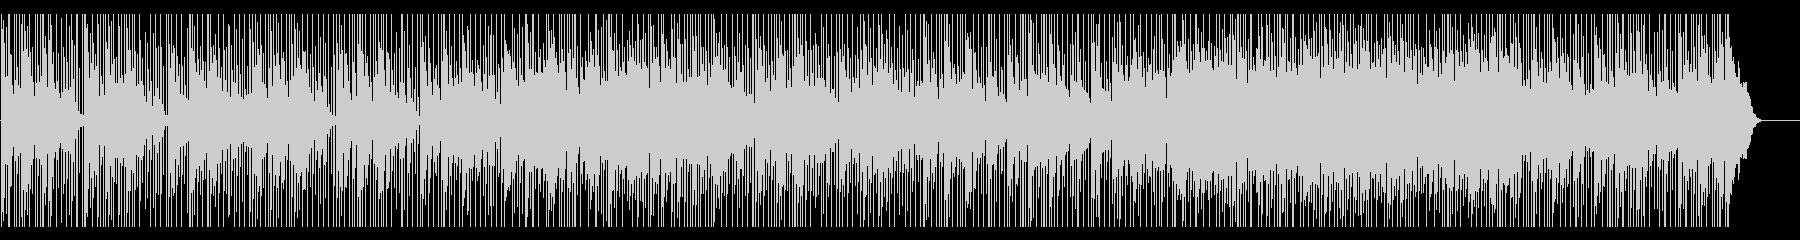 ゆったりした和の空間をイメージした楽曲の未再生の波形